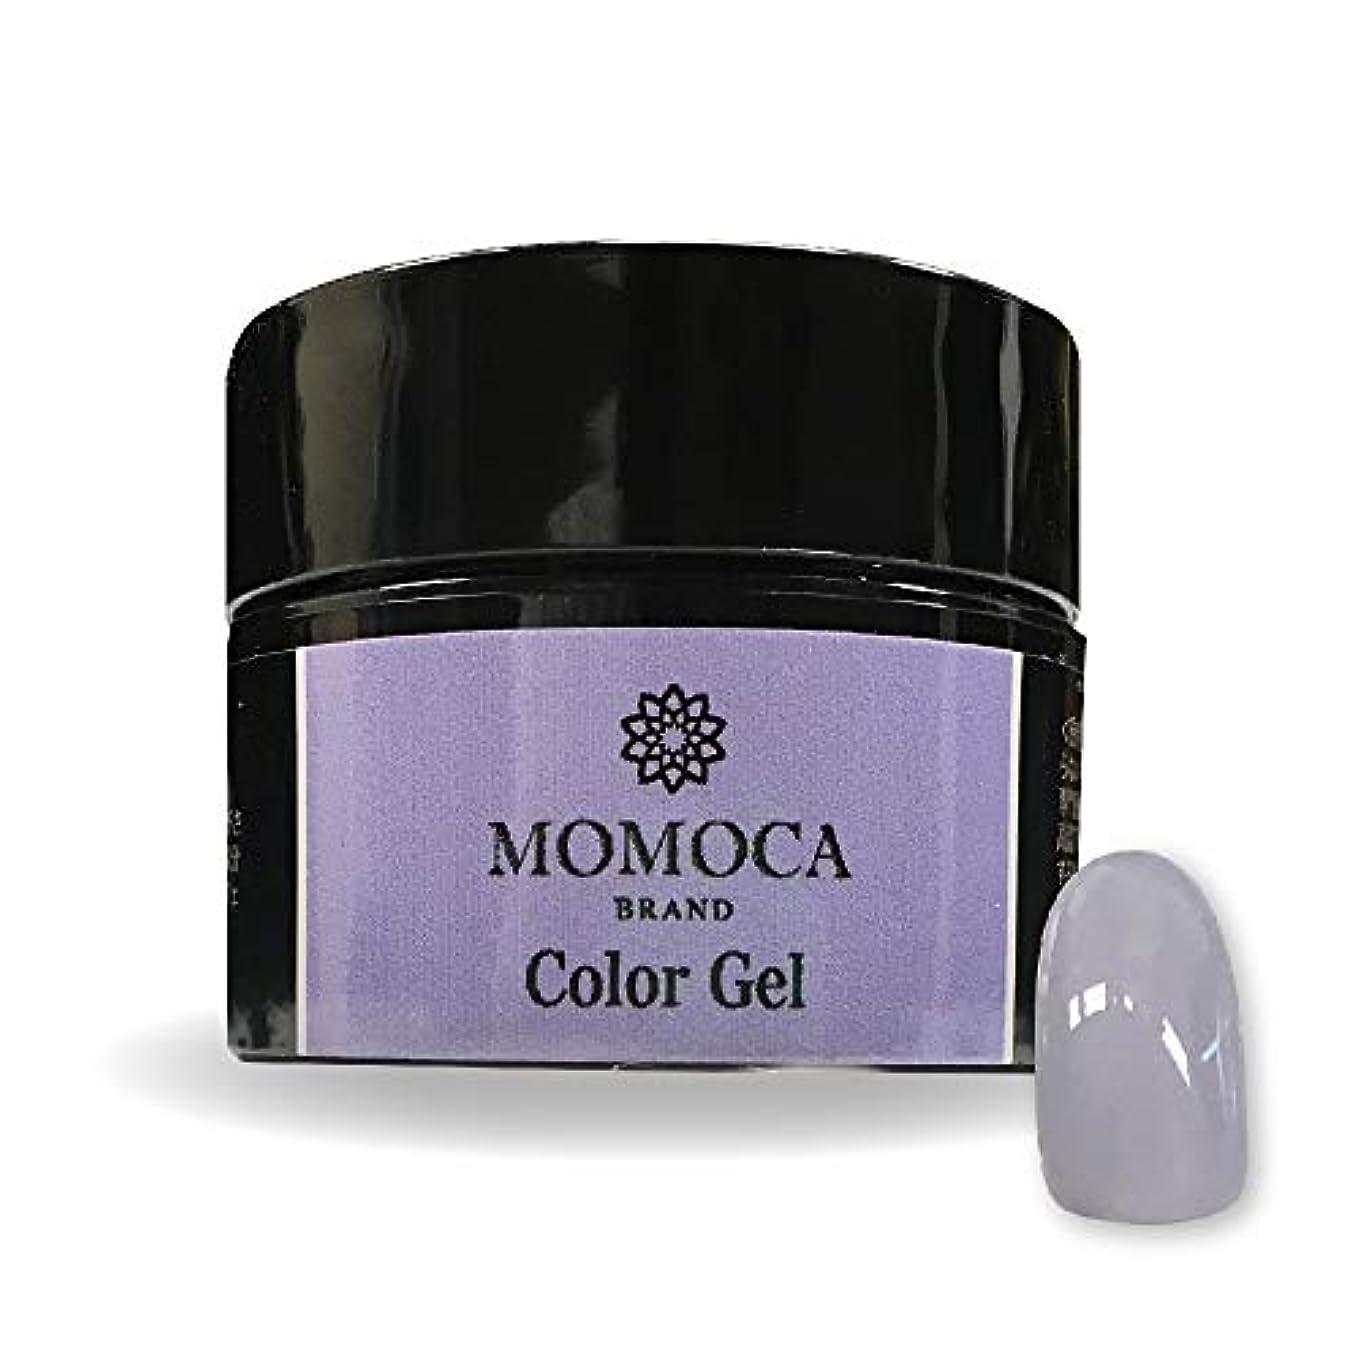 ロードされた談話染色MOMOCA モモカ ジェルネイル サロン品質 高発色 長持ち プロ仕様 ネイルサロン ネイリスト (027M Pale lilac ペールライラック)